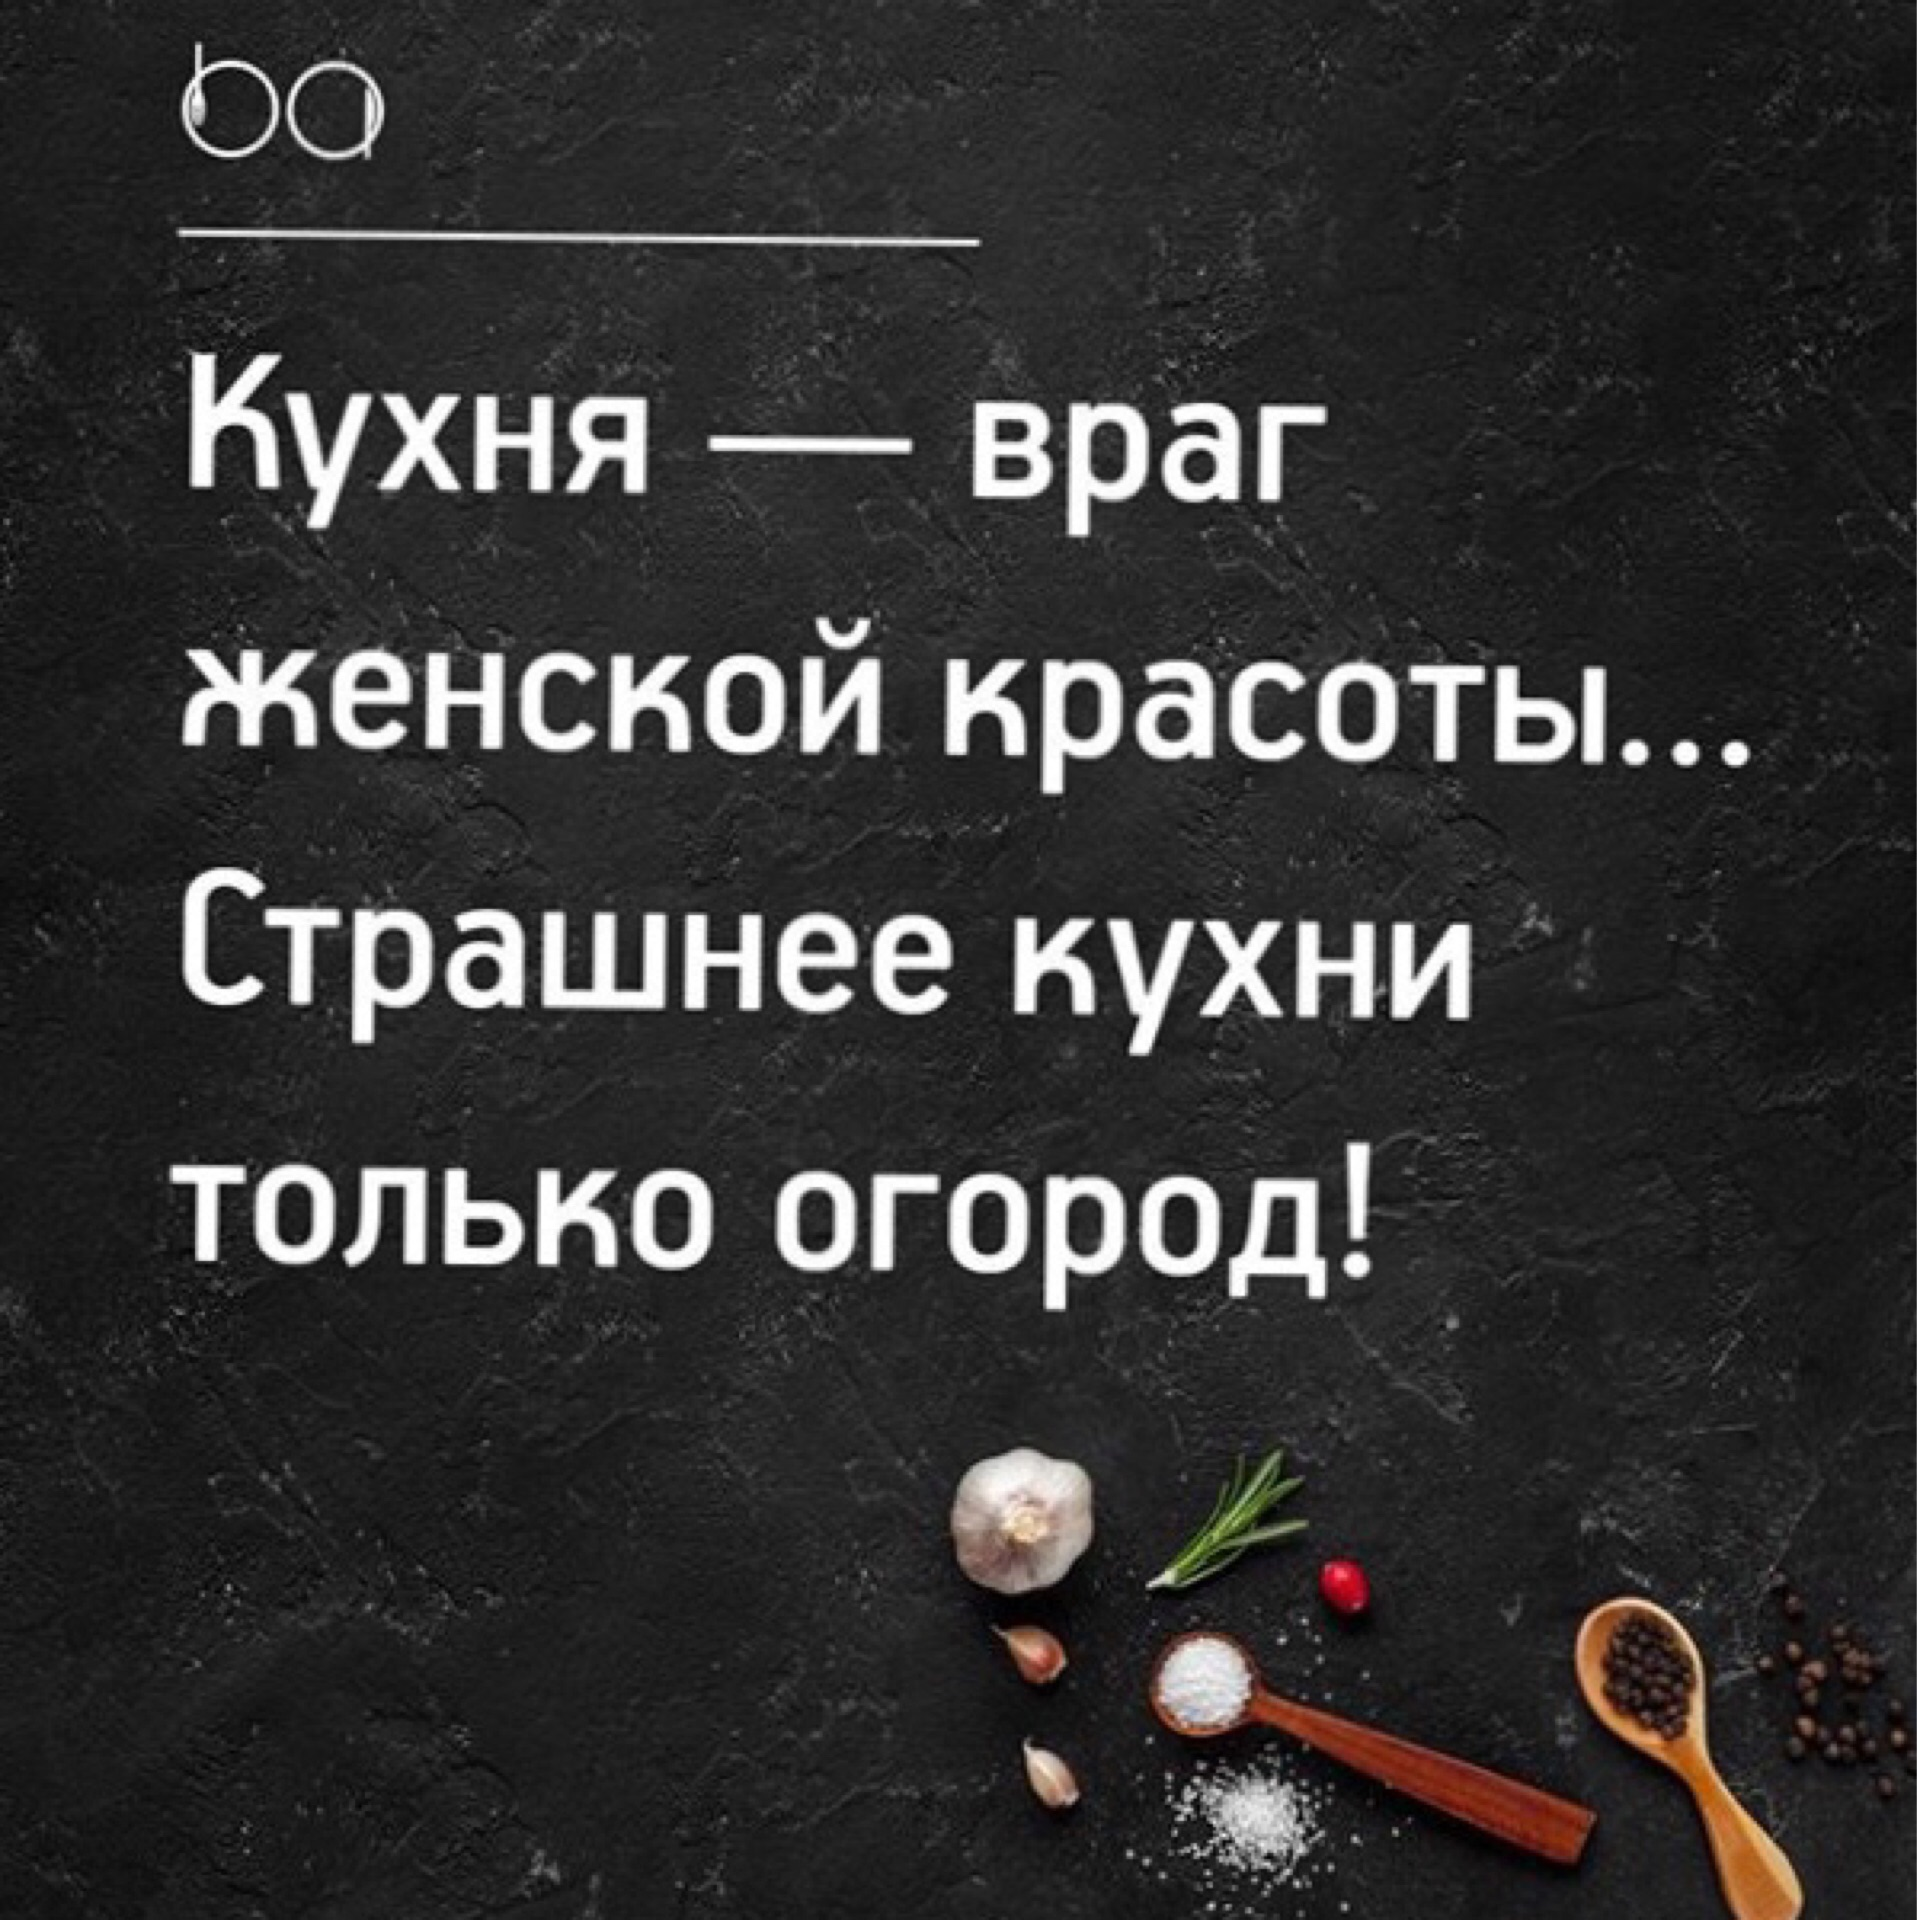 Открытка кухня-враг женской красоты, клиенту день